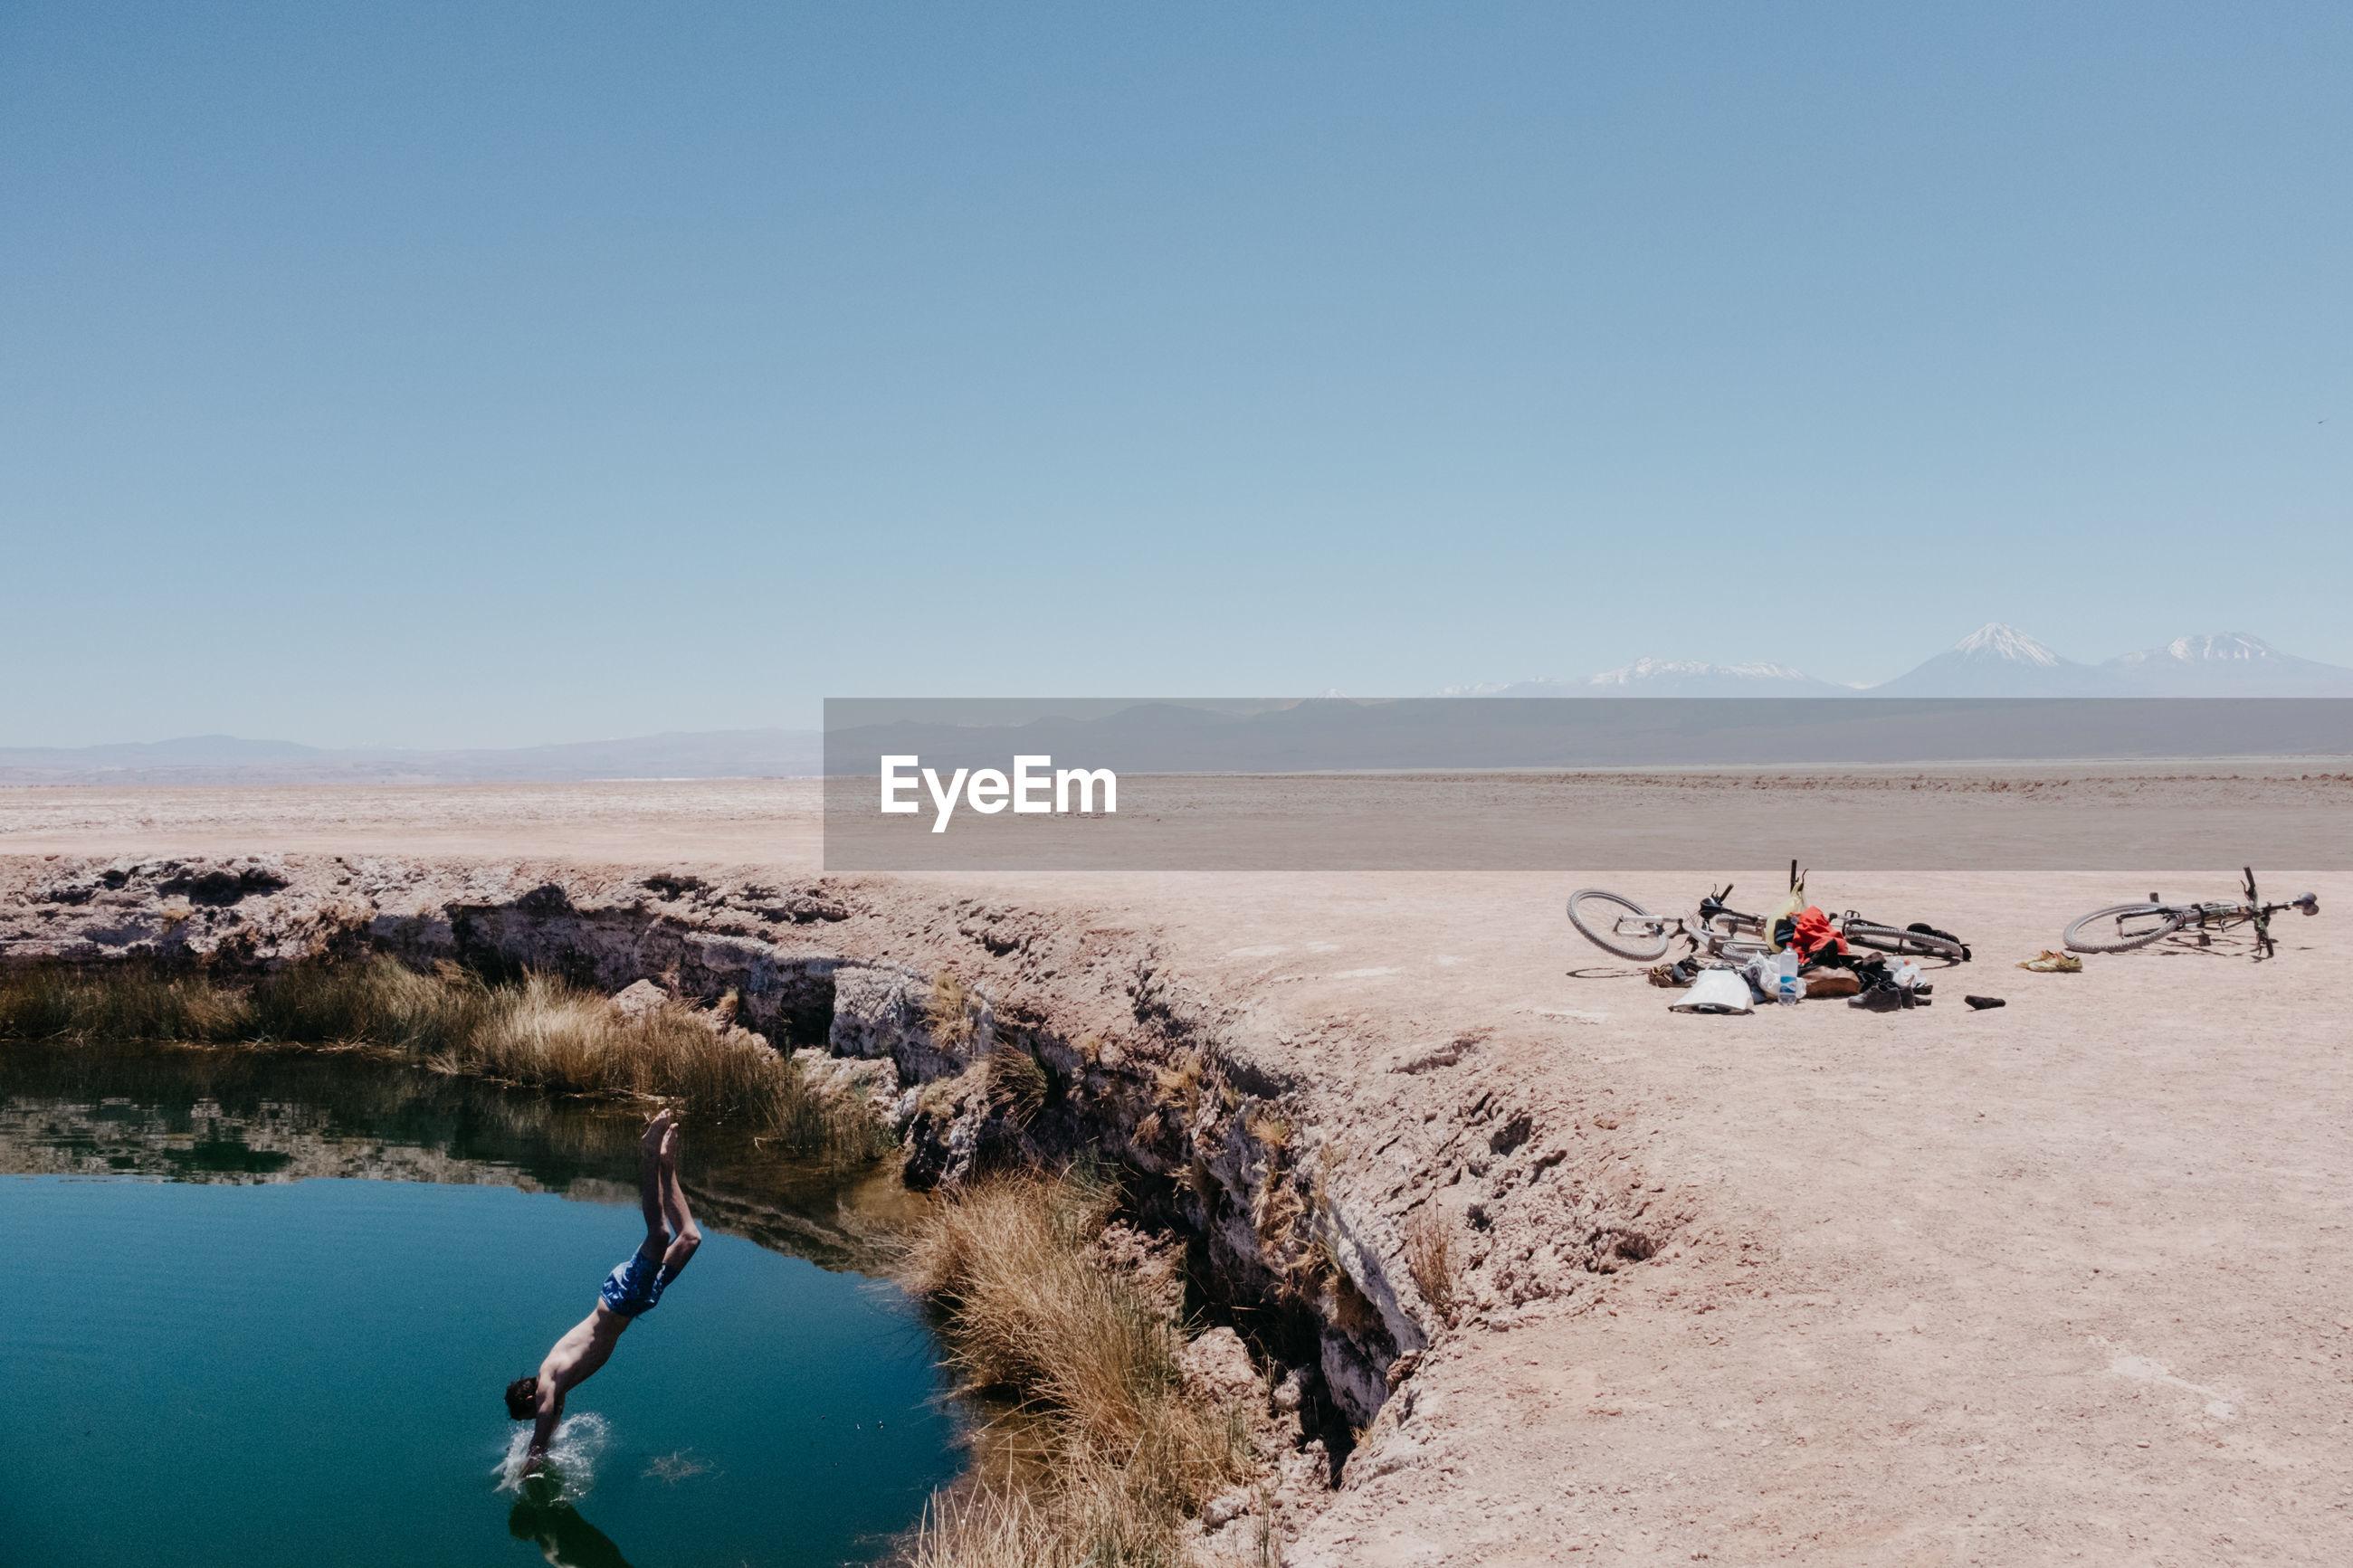 Shirtless man jumping in lake at desert